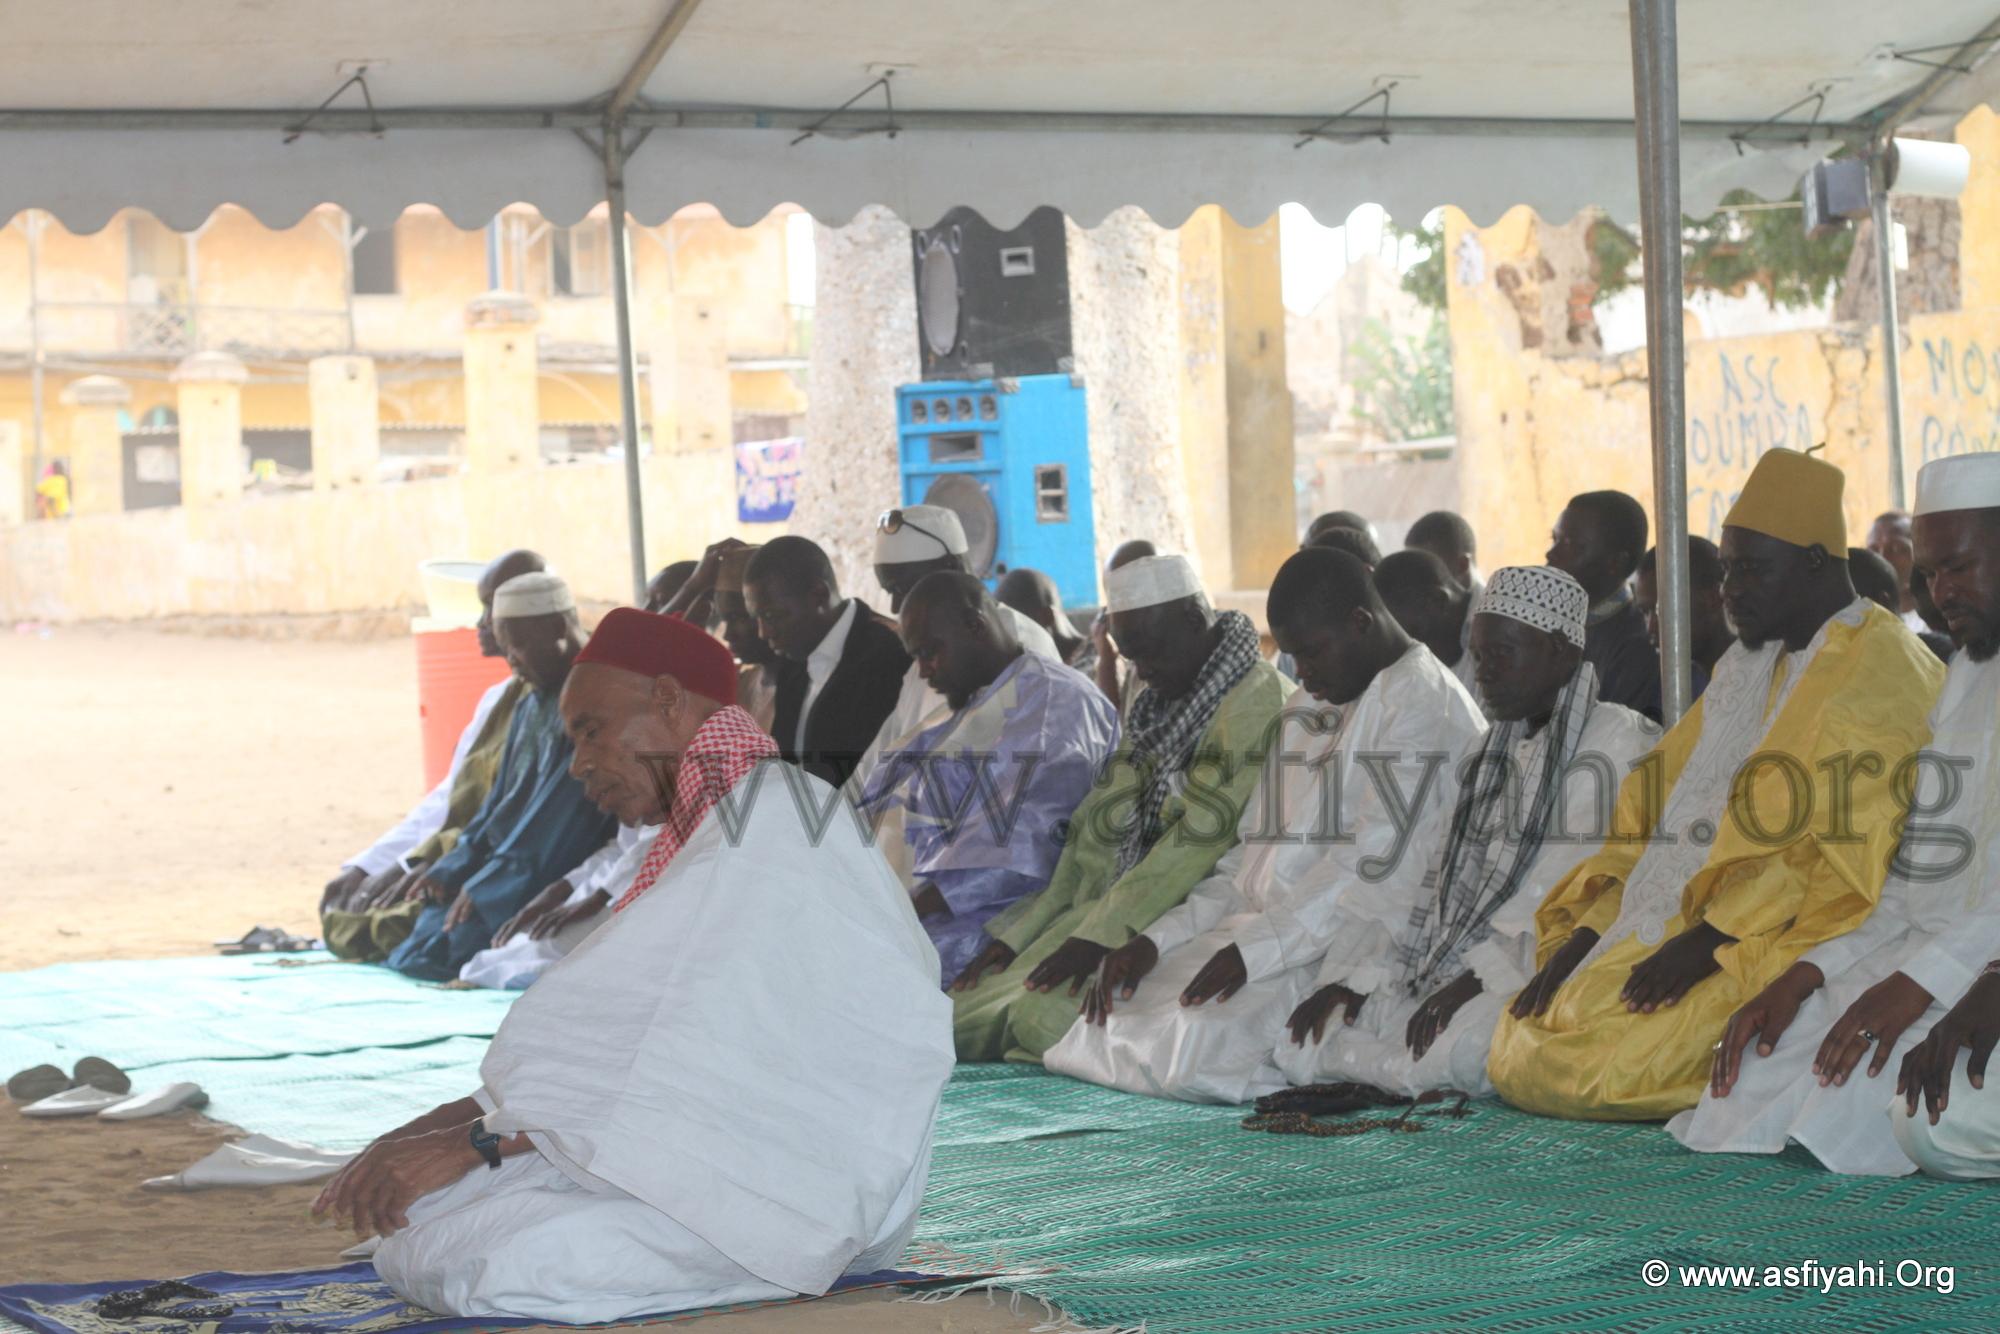 PHOTOS - Les Images de la Journée El Hadj Malick SY organisée sur l'île de Gorée ce Samedi 5 Décembre 2015 par le Diamiya des Jeunes Tidianes de Dakar Plateau , Gorée et environs